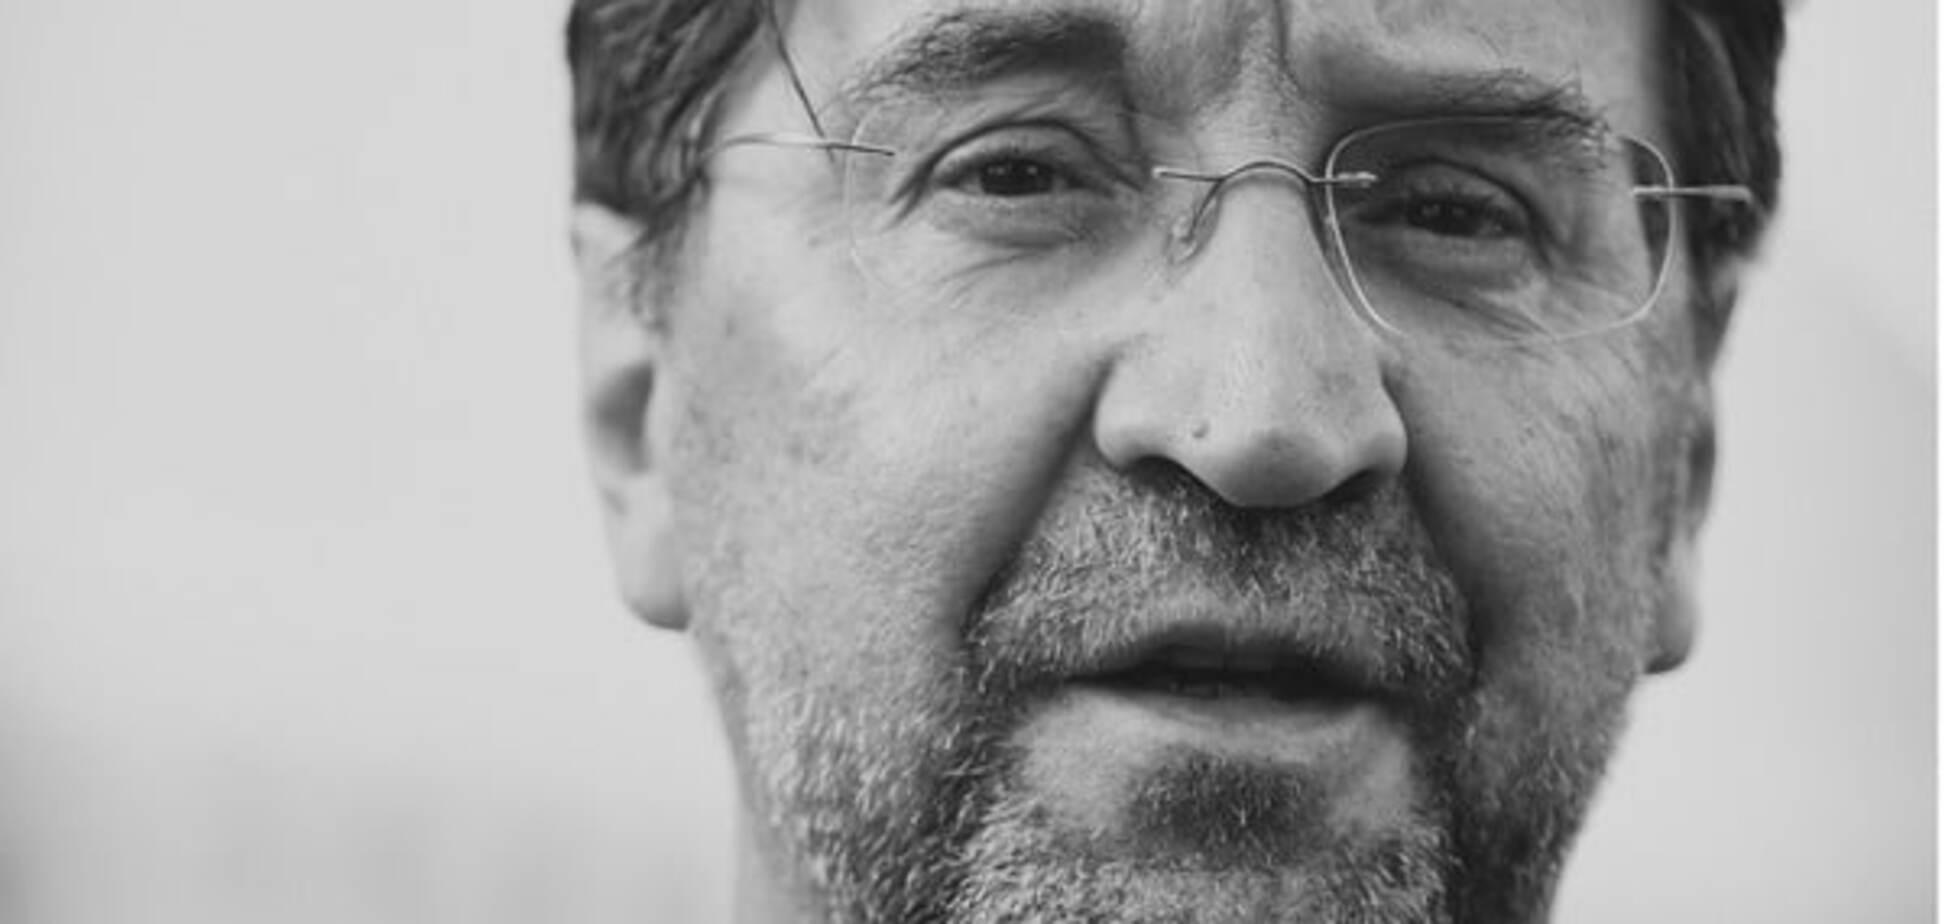 Юрій Шевчук: наша людина любить минуле, а демократії в країні і не було